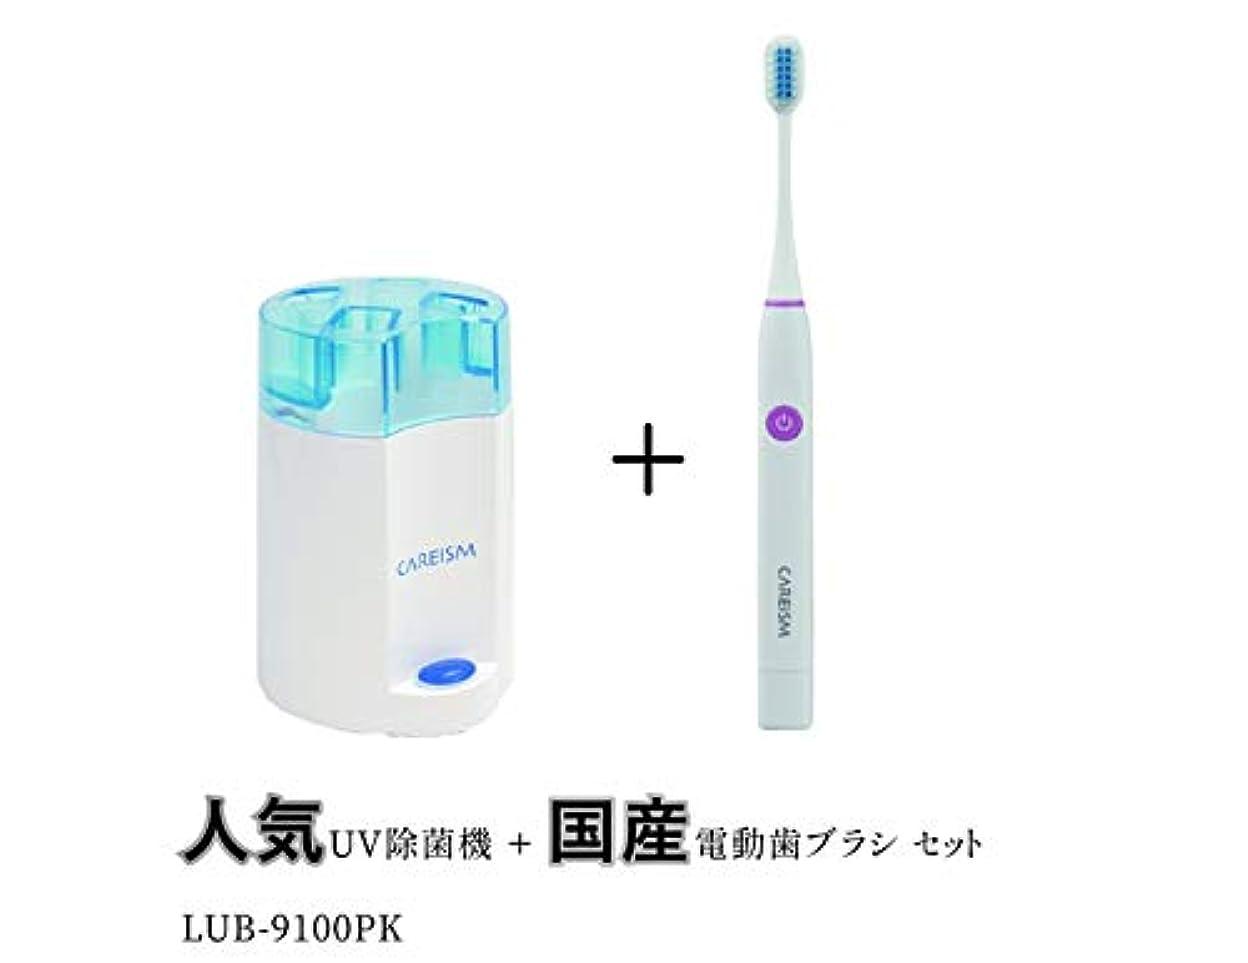 申請者振る舞い下品ケアイズム LUB9100 人気 UV除菌機 + 国産 電動歯ブラシ セット (100ピンク)